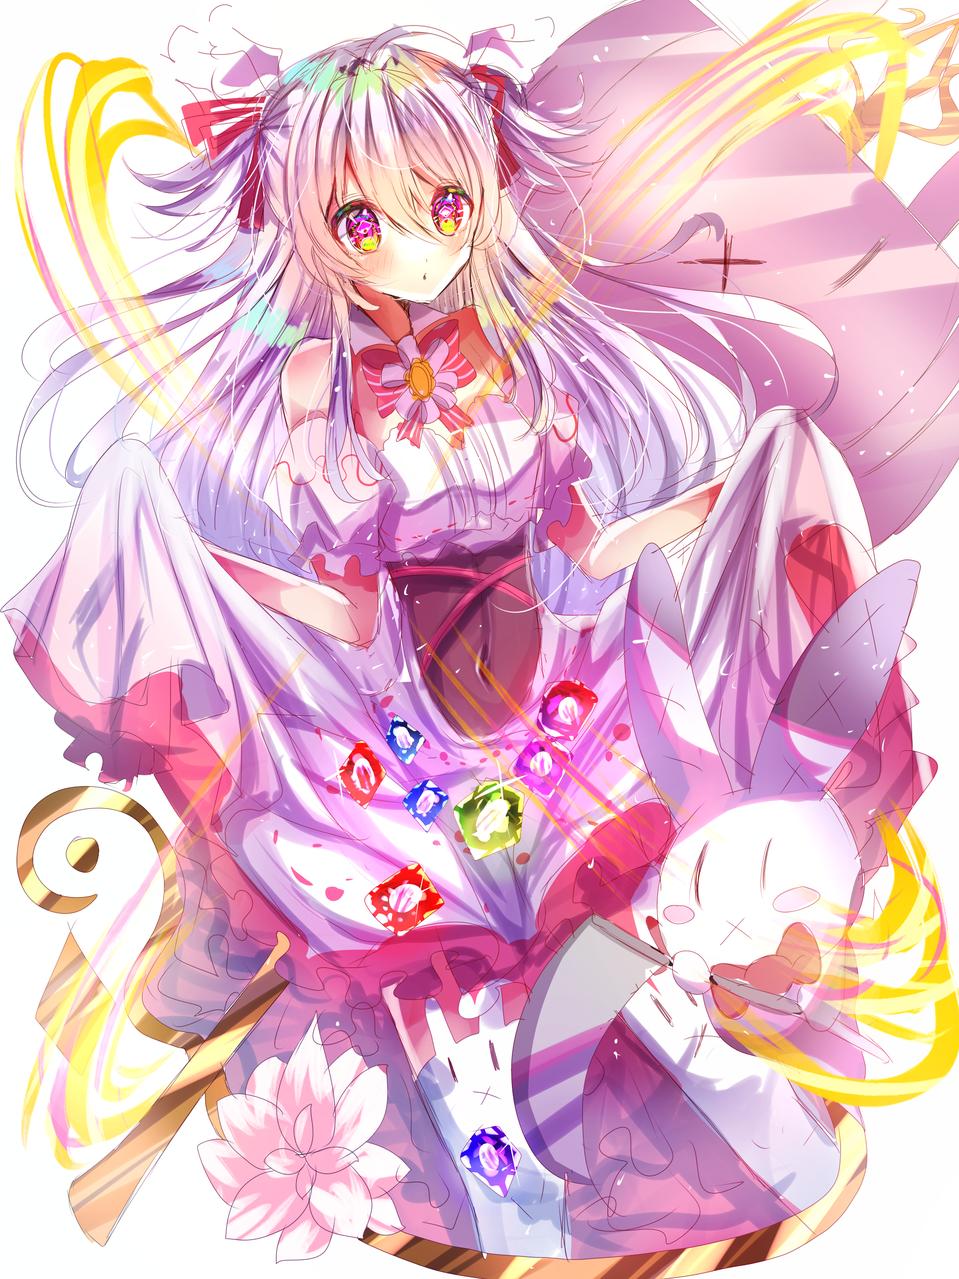 オリジナル Illust of つぶ medibangpaint oc girl